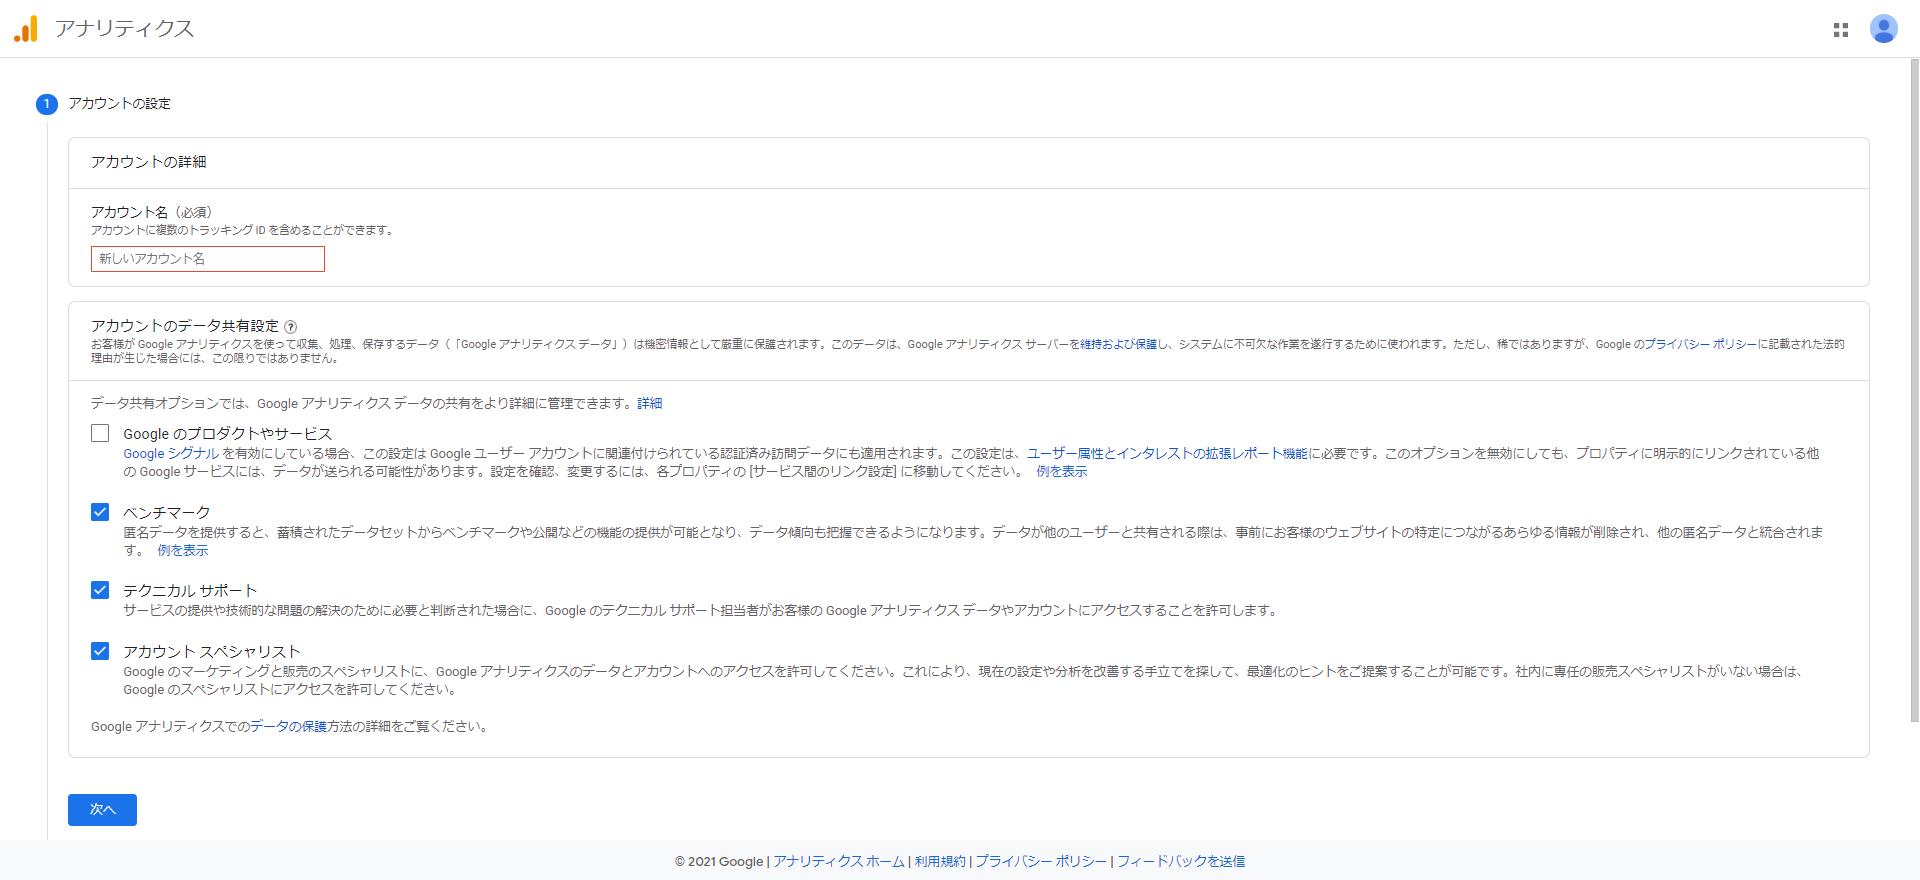 Googleアナリティクス アカウントの設定画面 アカウントの詳細